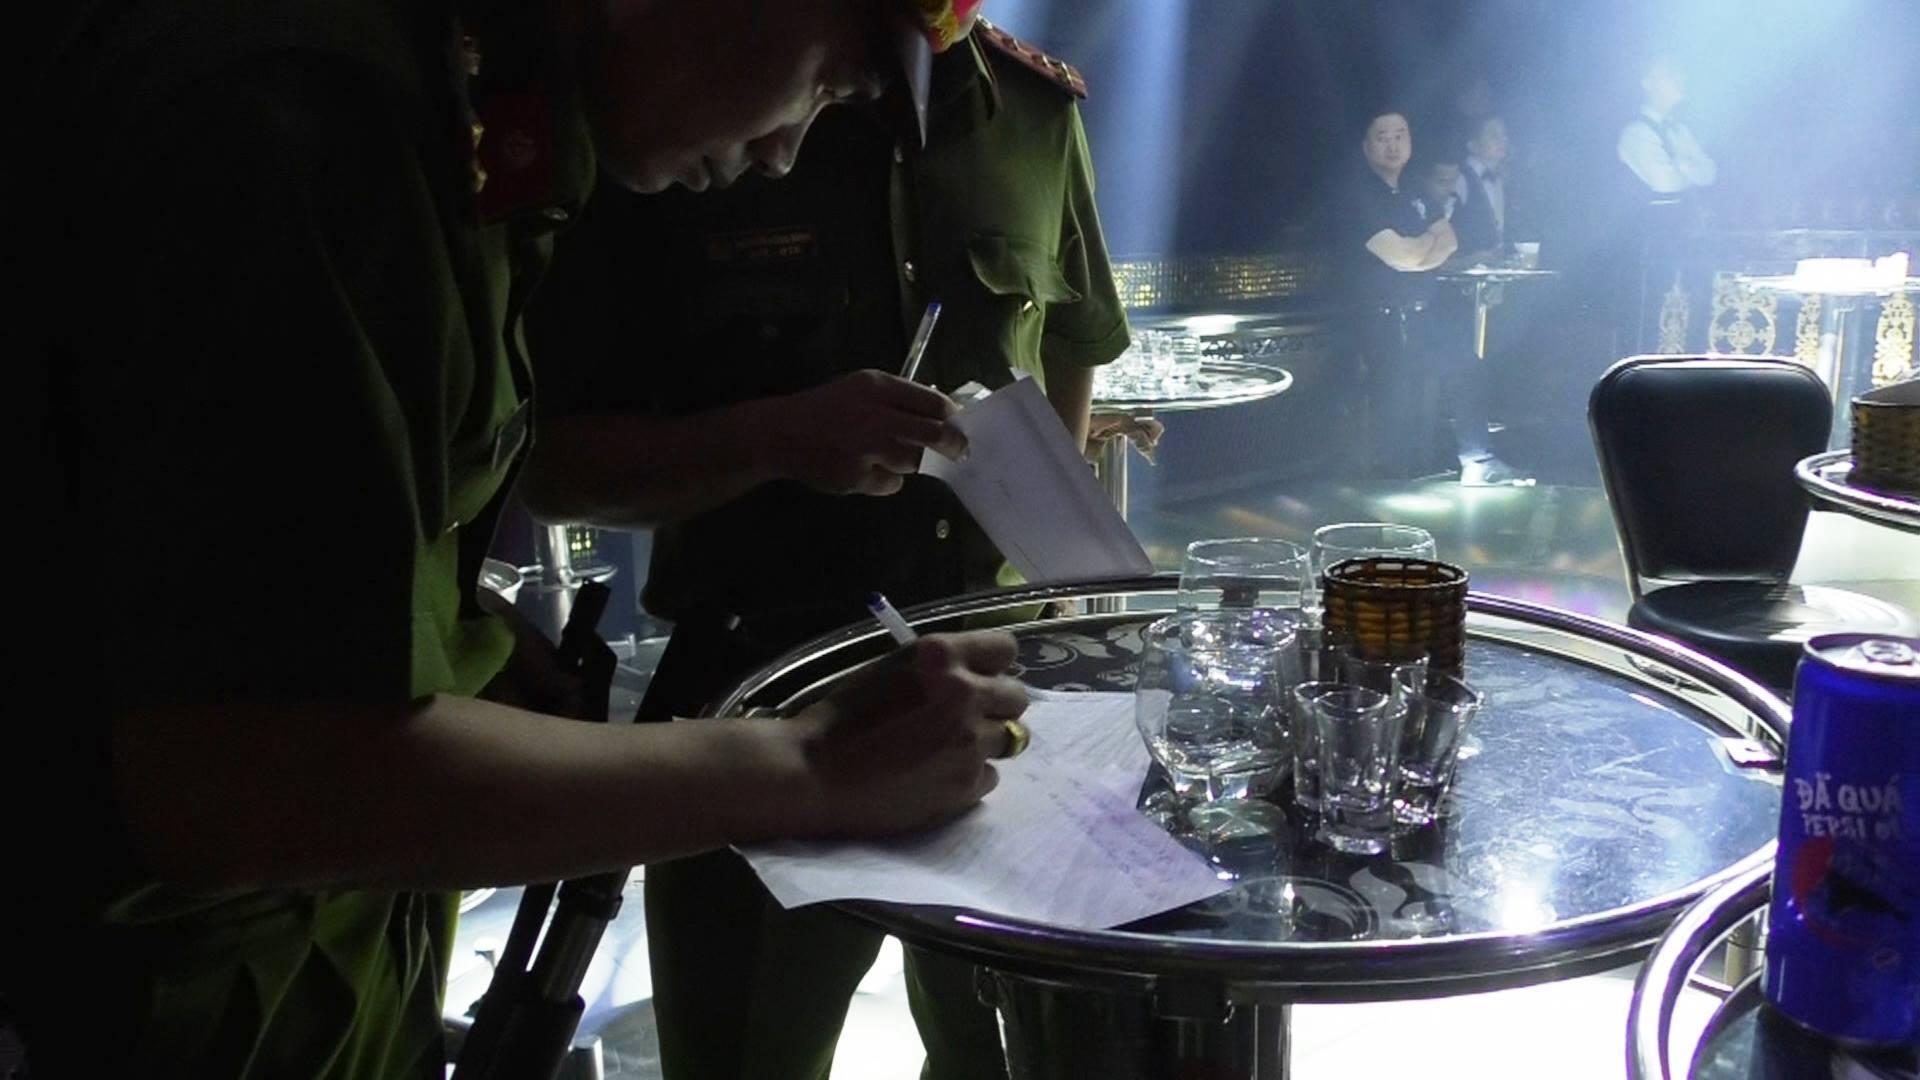 Đột kích 3 quán bar nổi tiếng ở trung tâm Sài Gòn, phát hiện nhiều dân chơi nghi sử dụng ma tuý - Ảnh 8.